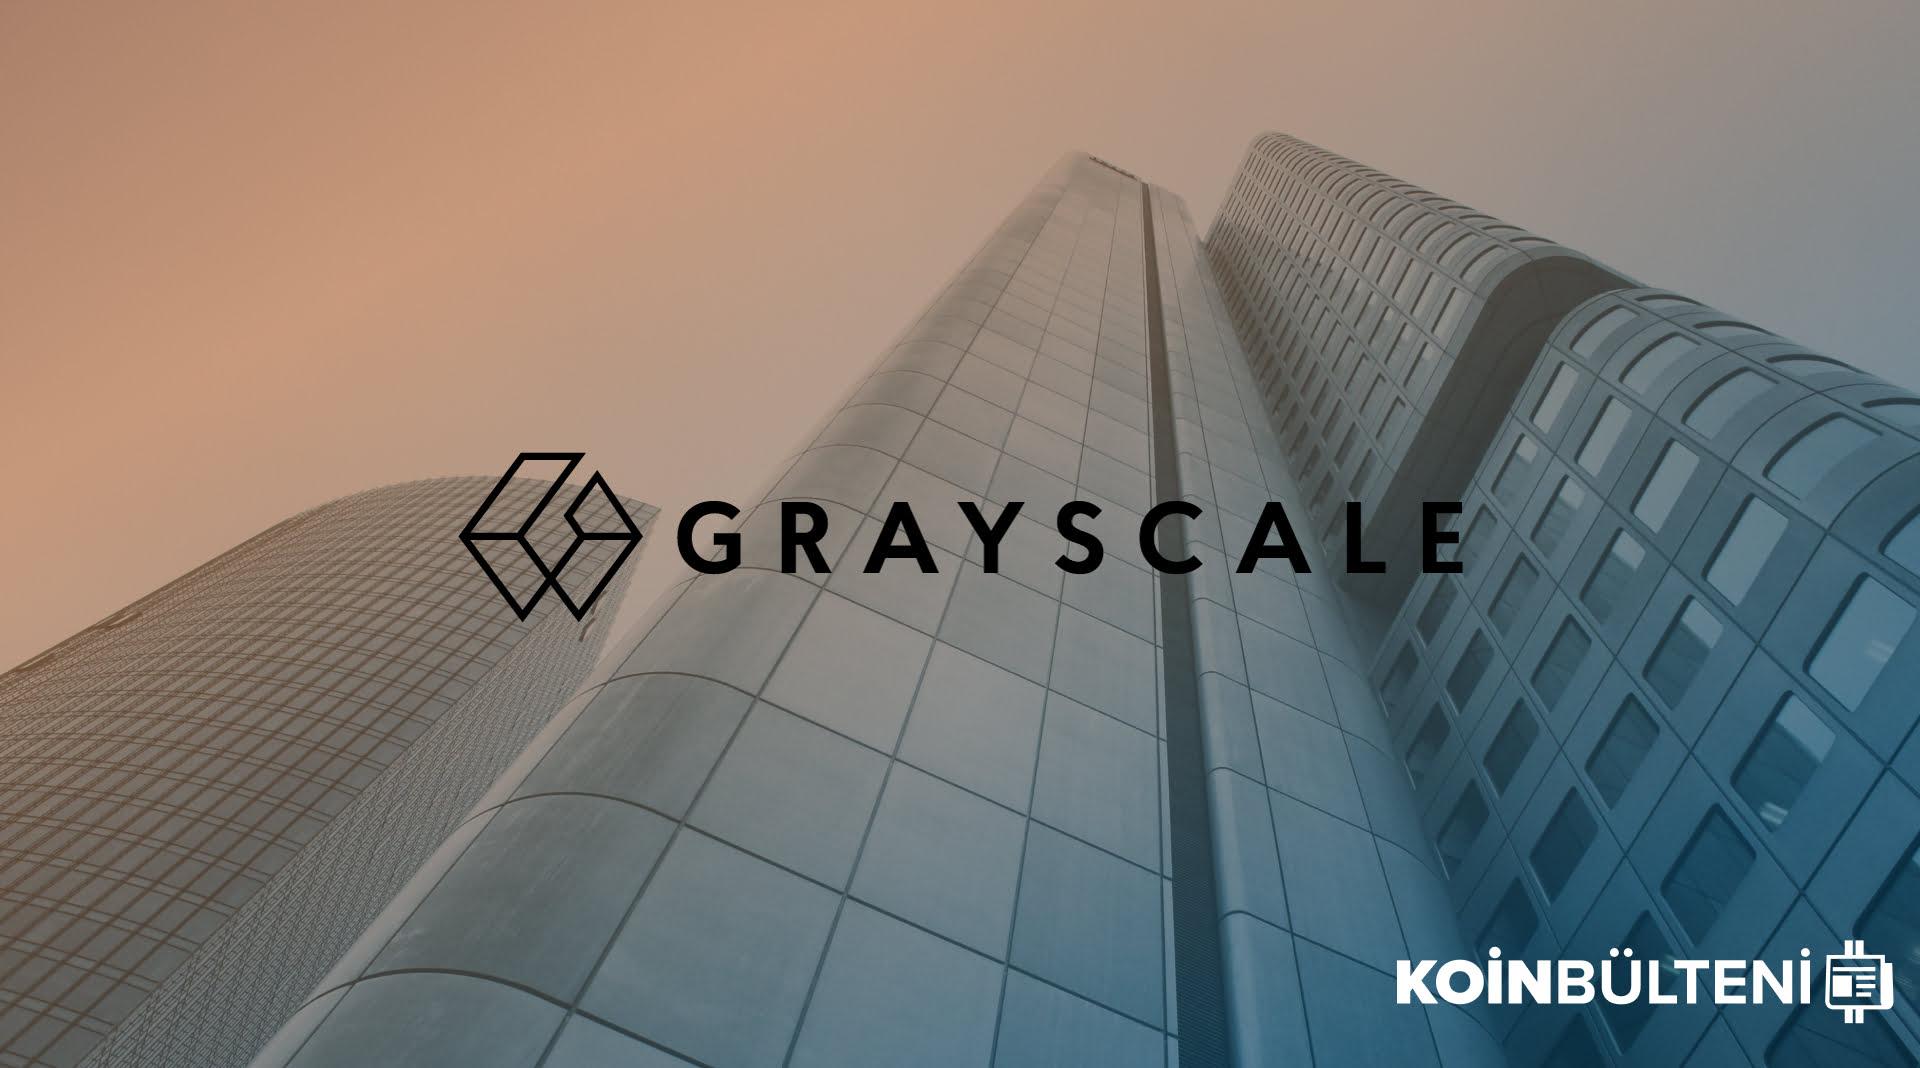 Kripto-Para-grayscale